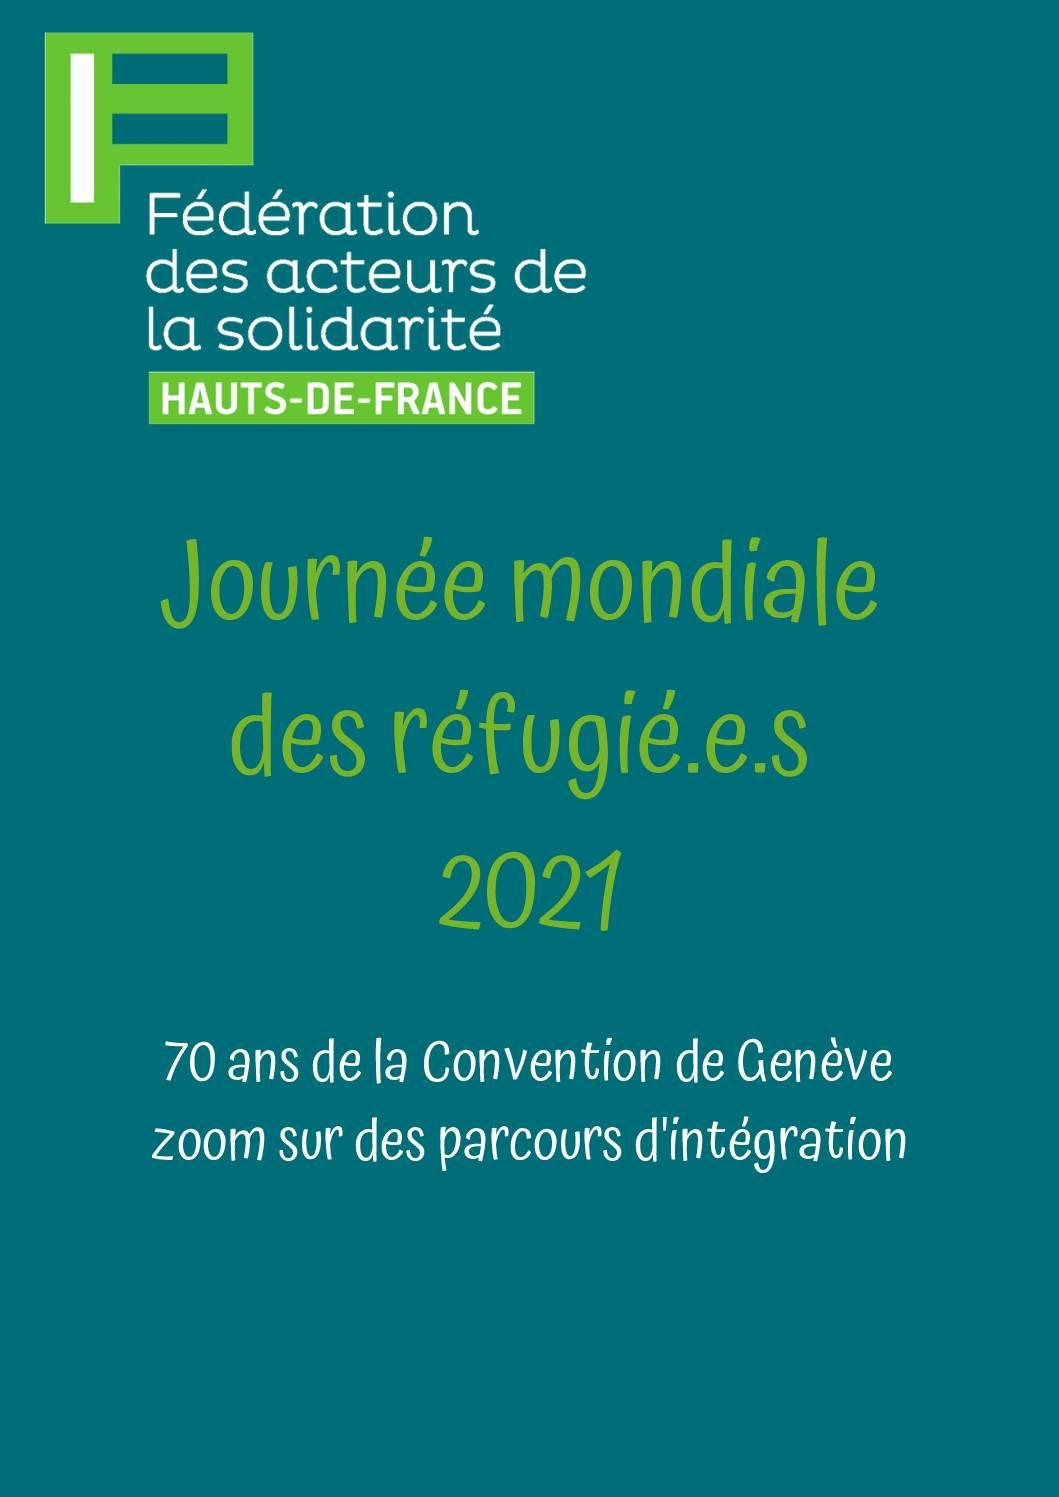 Journée mondiale des réfugié.e.s 2021